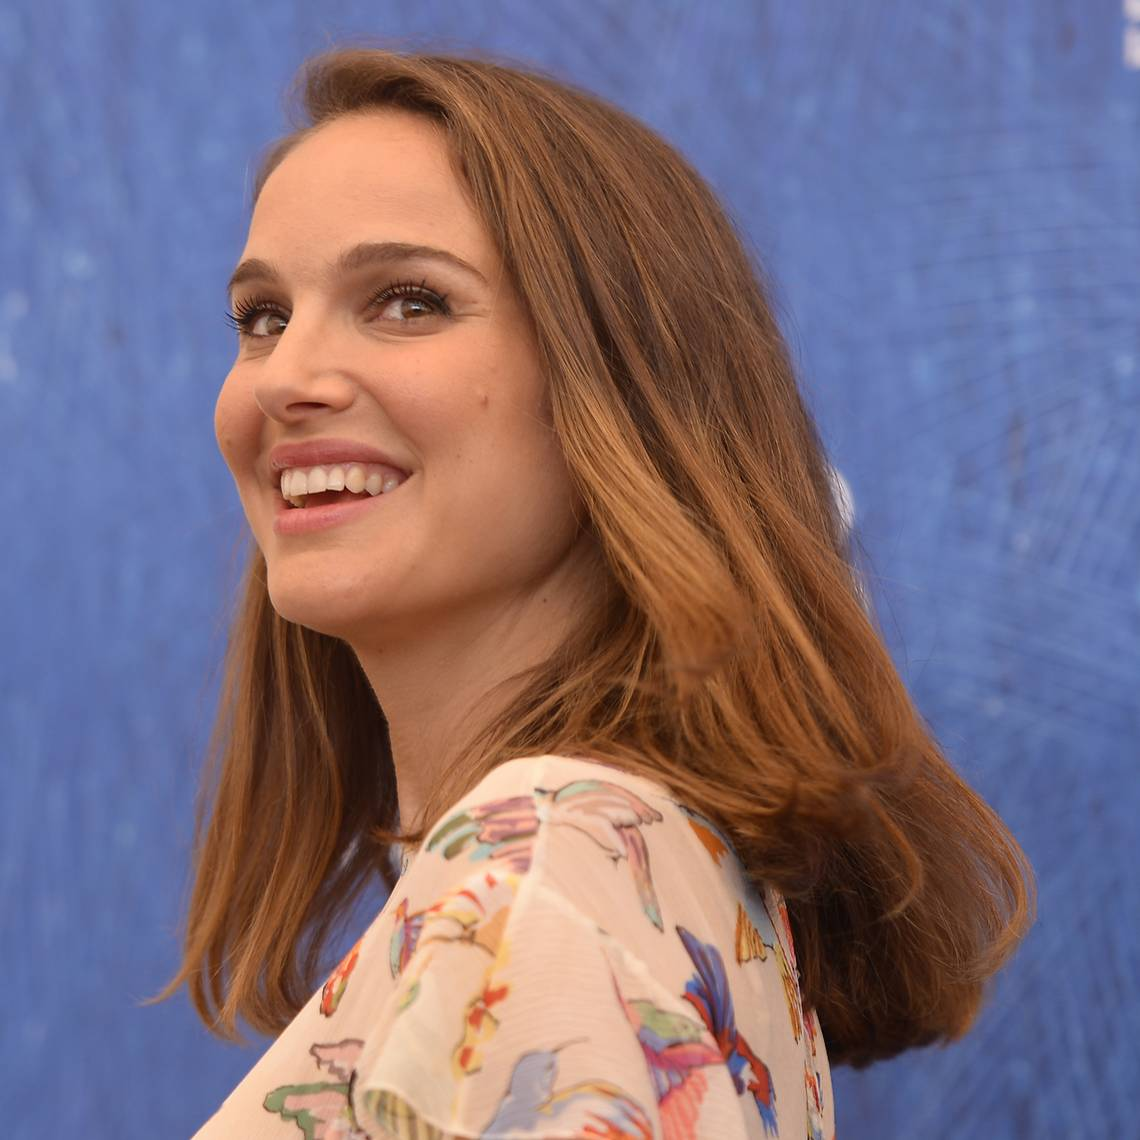 Photo of ¡Bellísima! Natalie Portman reaparece en eventos públicos a pocos meses de haber dado a luz